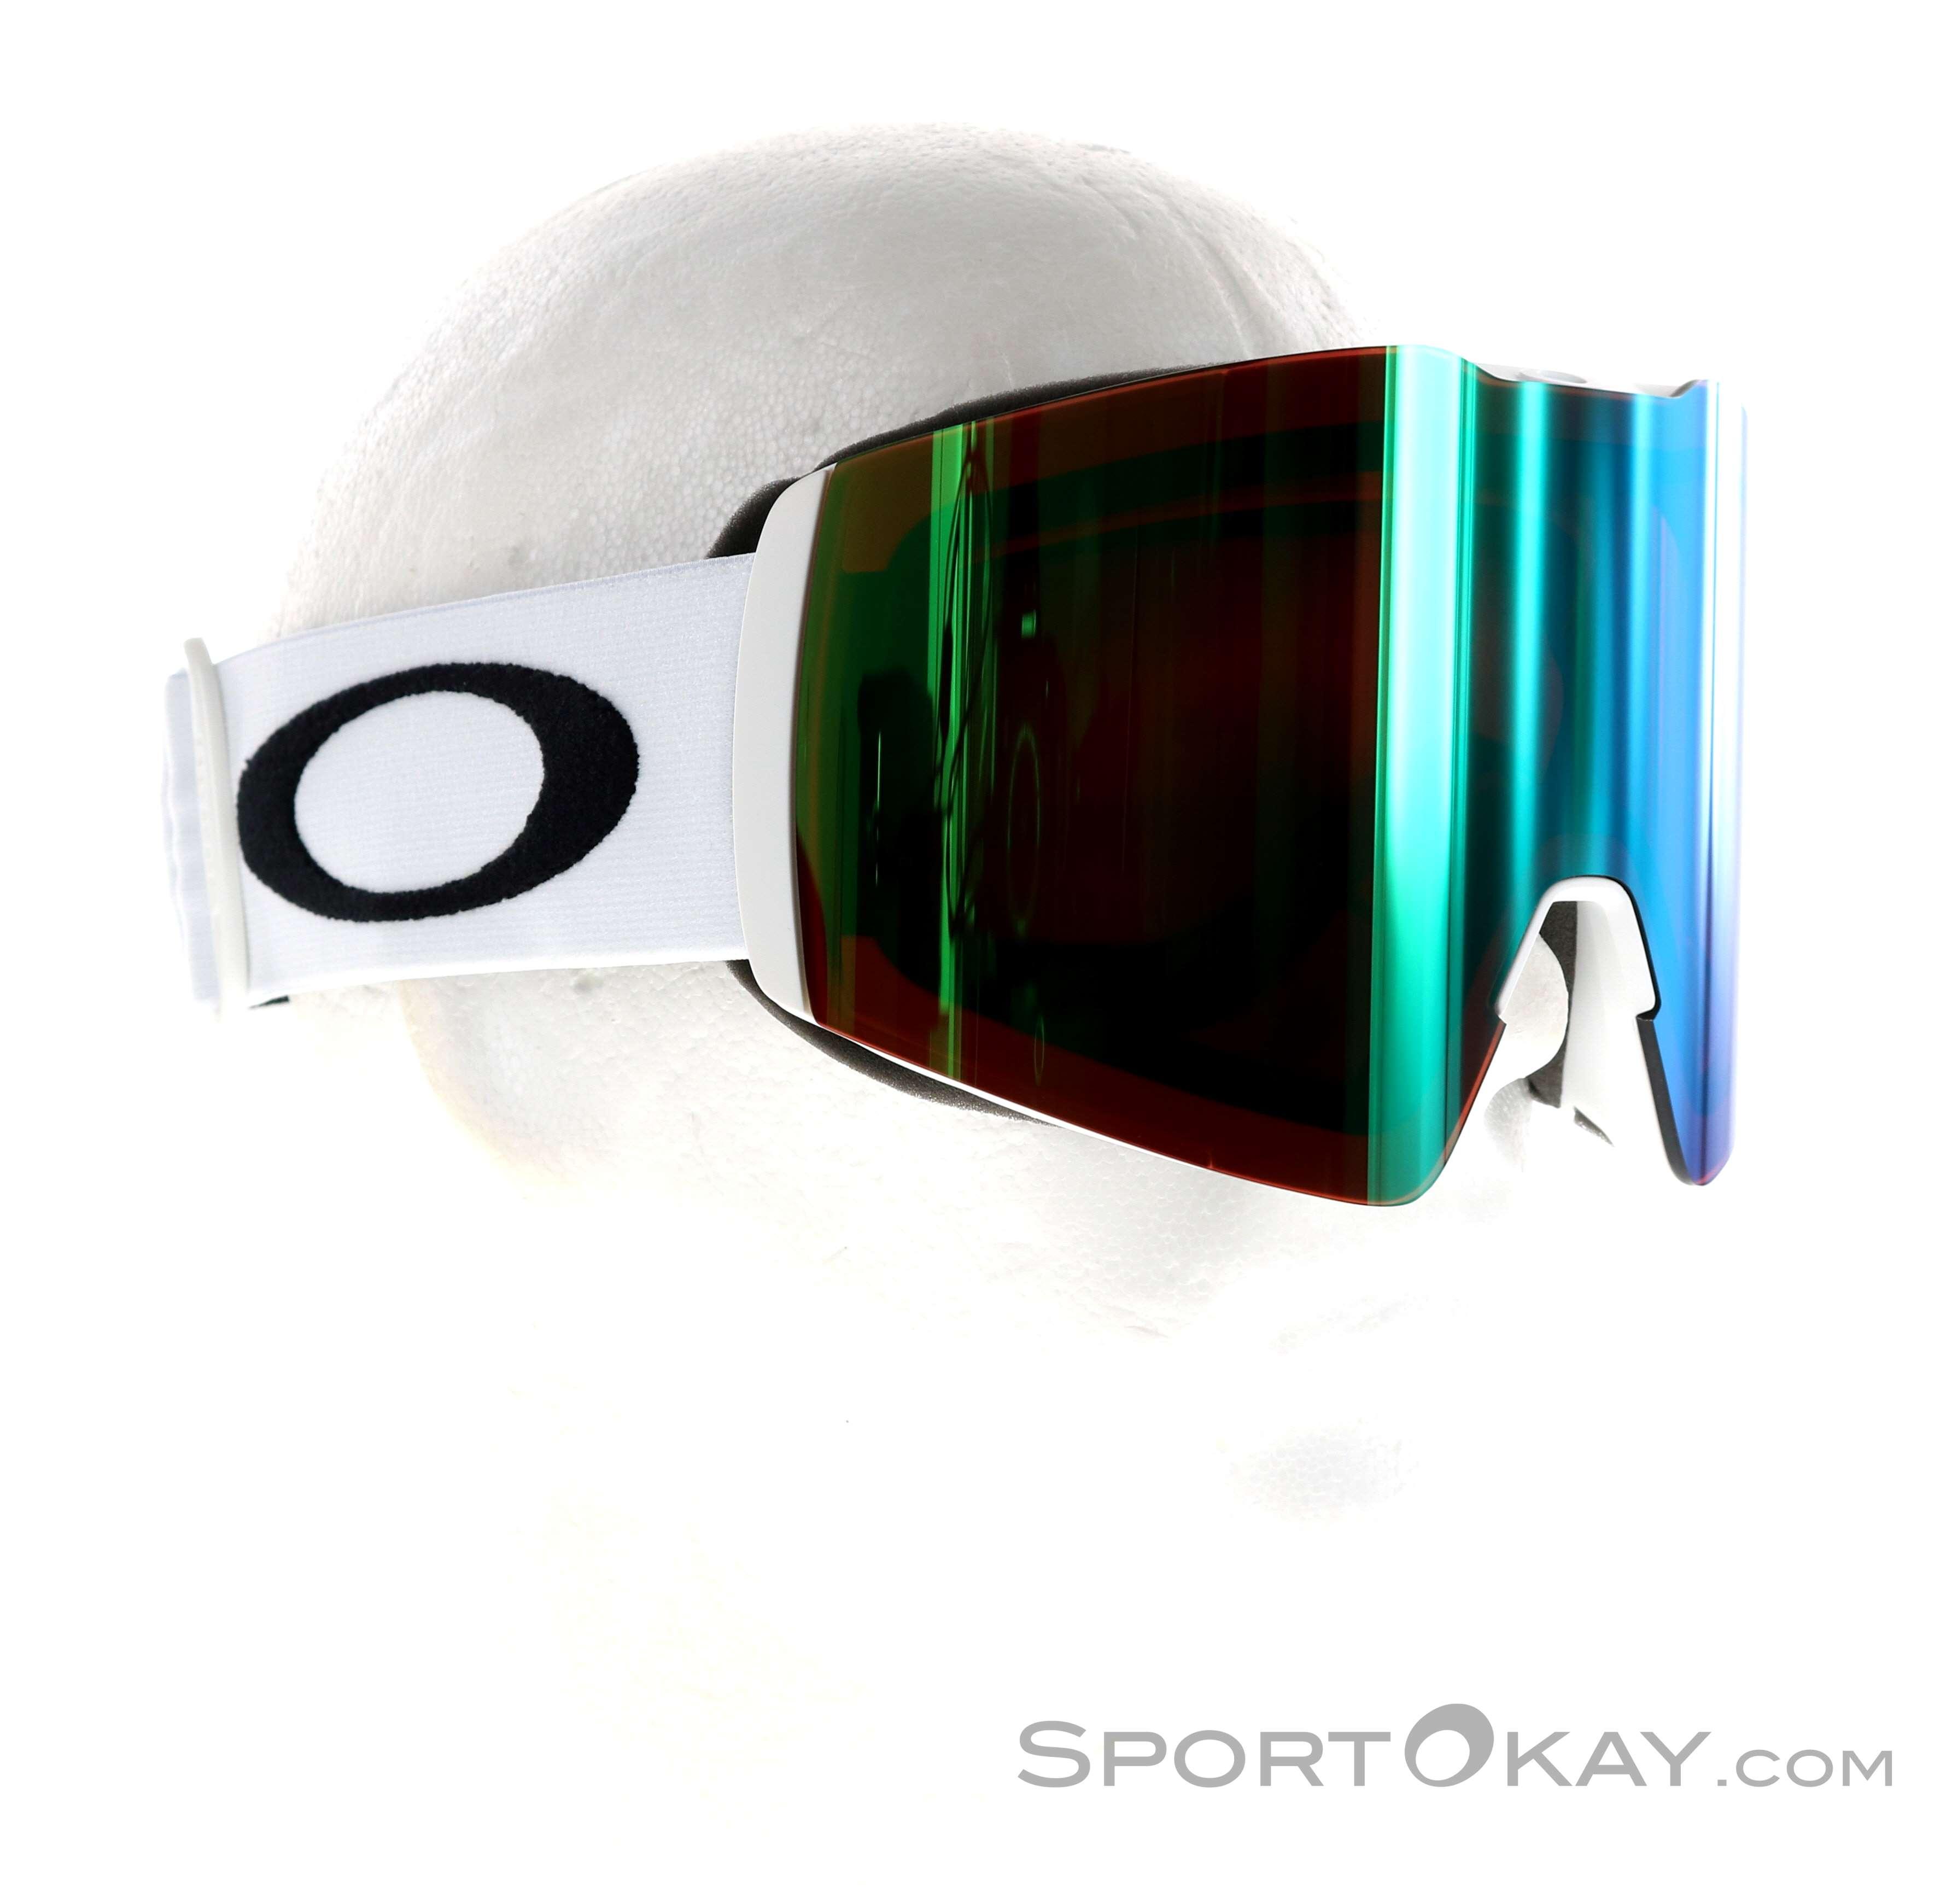 calze autoreggenti ripetizione Movimento  Oakley Fall Line XL Prizm Maschera da Sci - Maschere da sci - Occhiali - Sci  alpinismo - Tutti